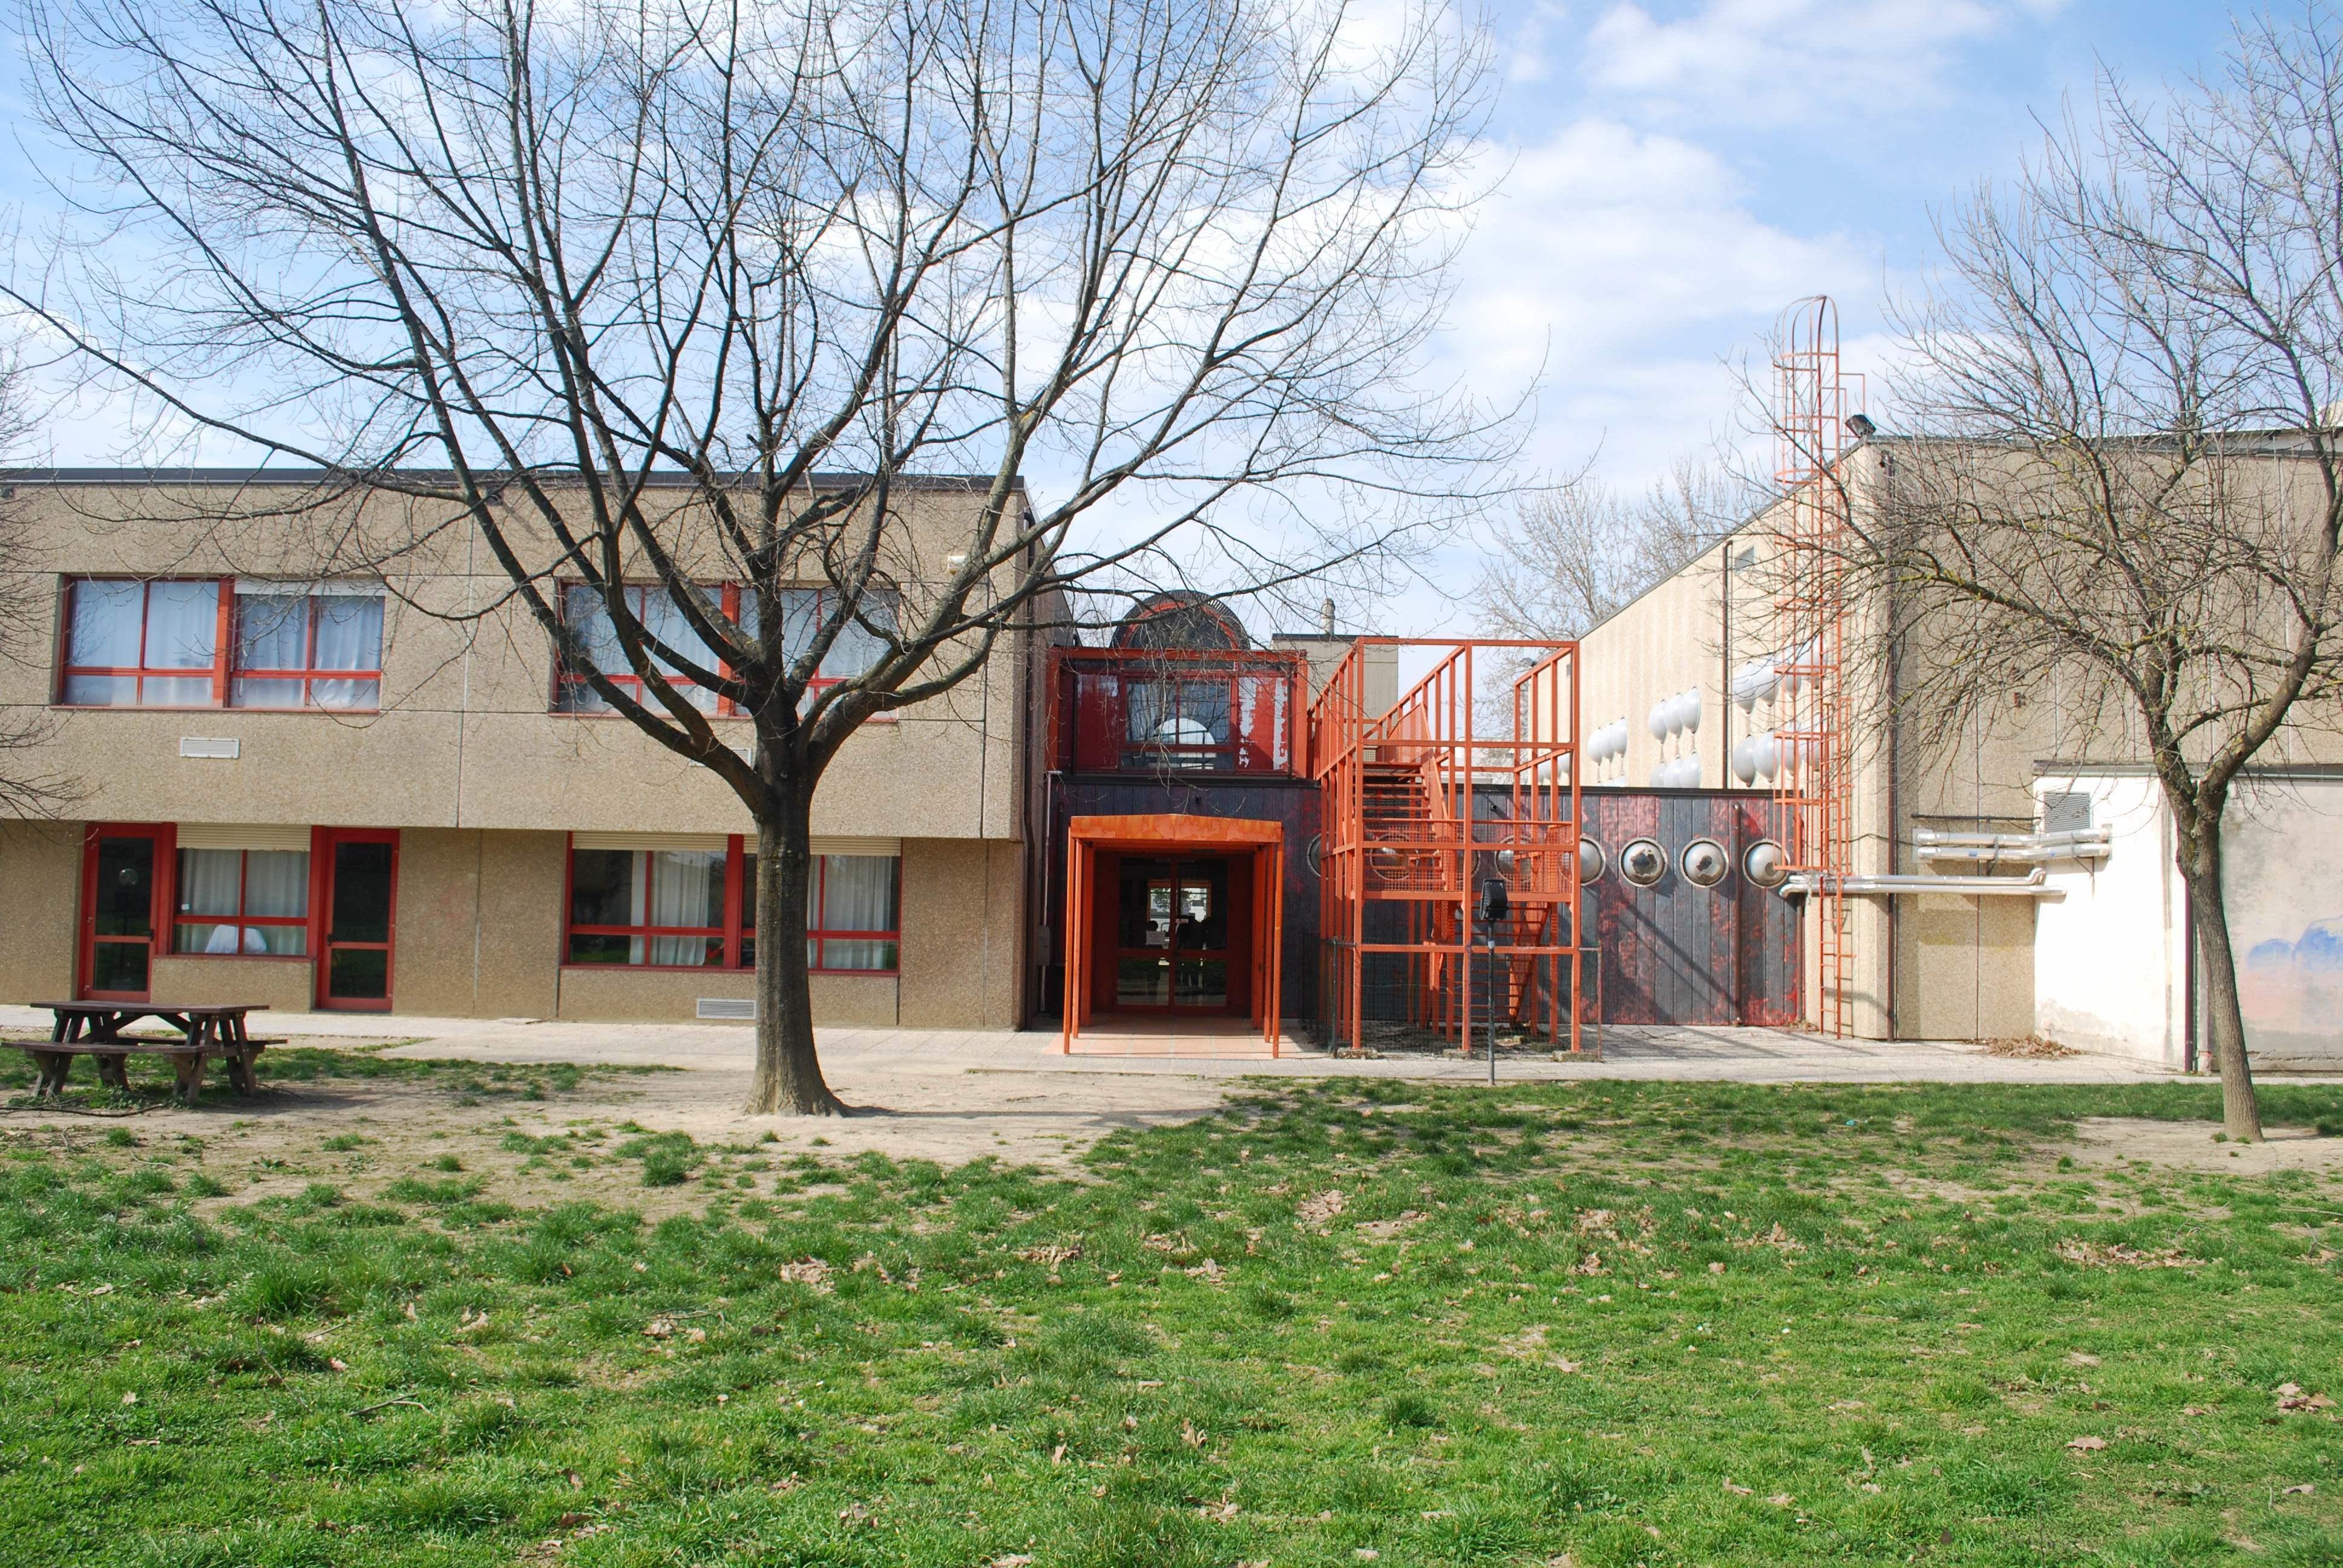 Scuola Primaria e Secondaria di Primo Grado C.A. Dalla Chiesa